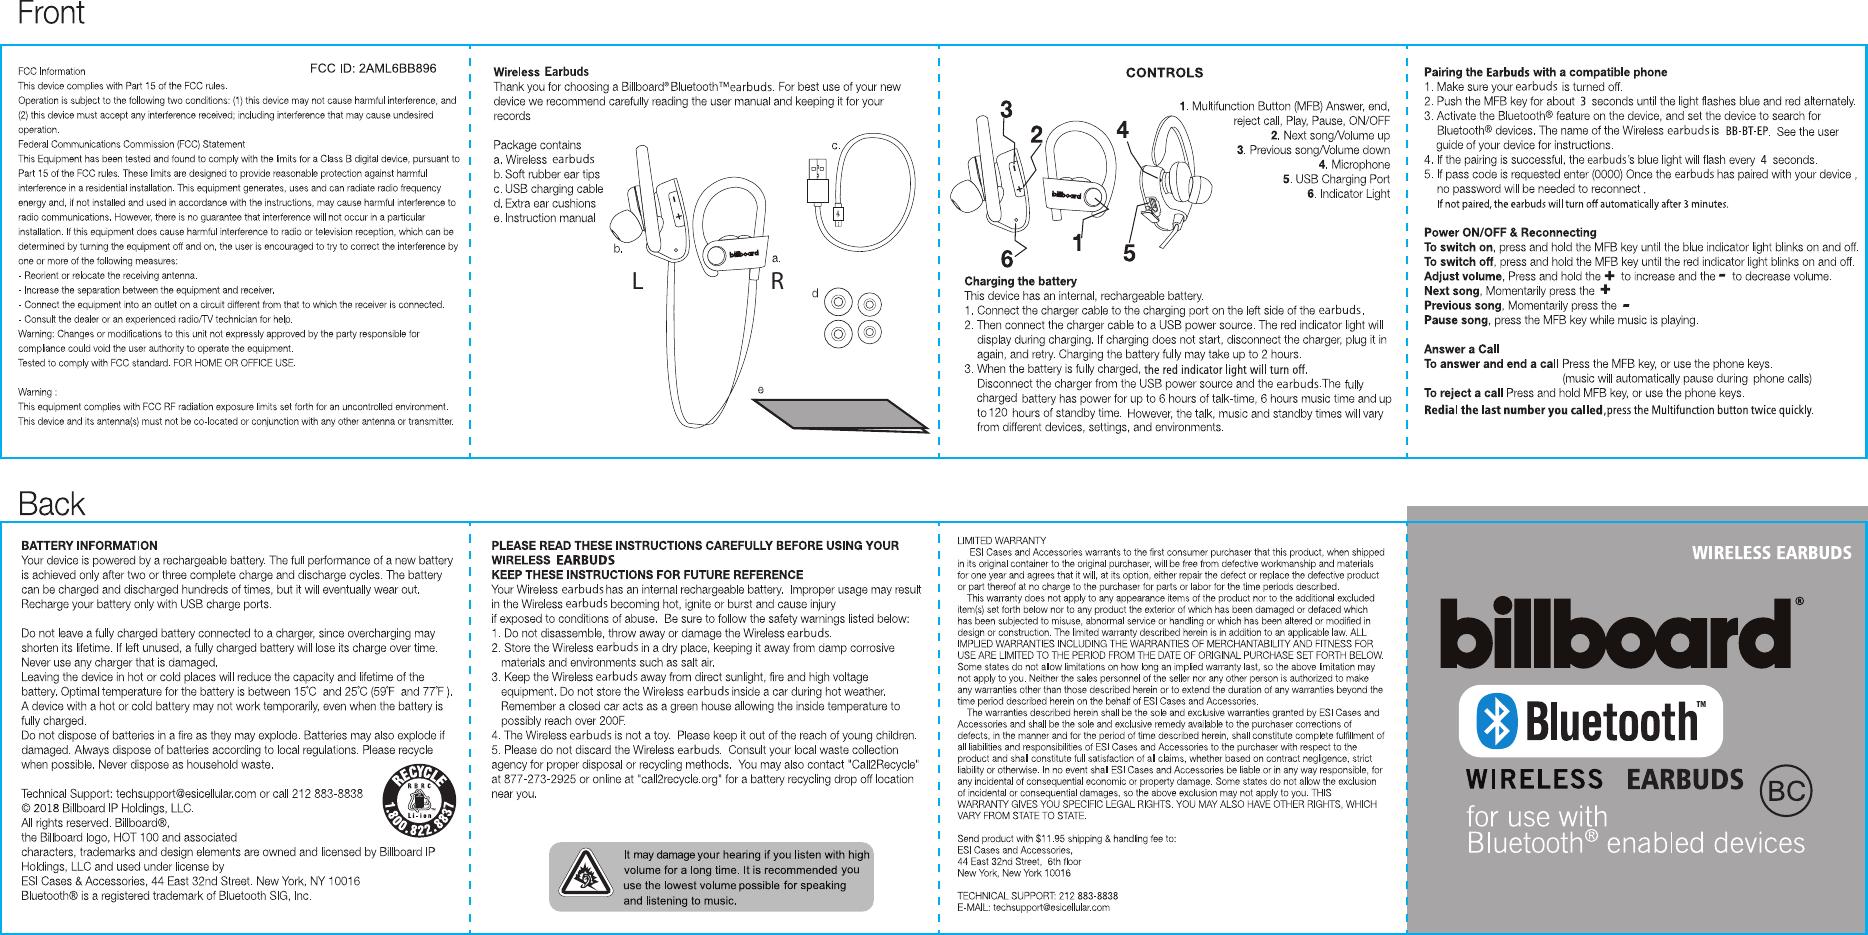 billboard wireless headphones instructions